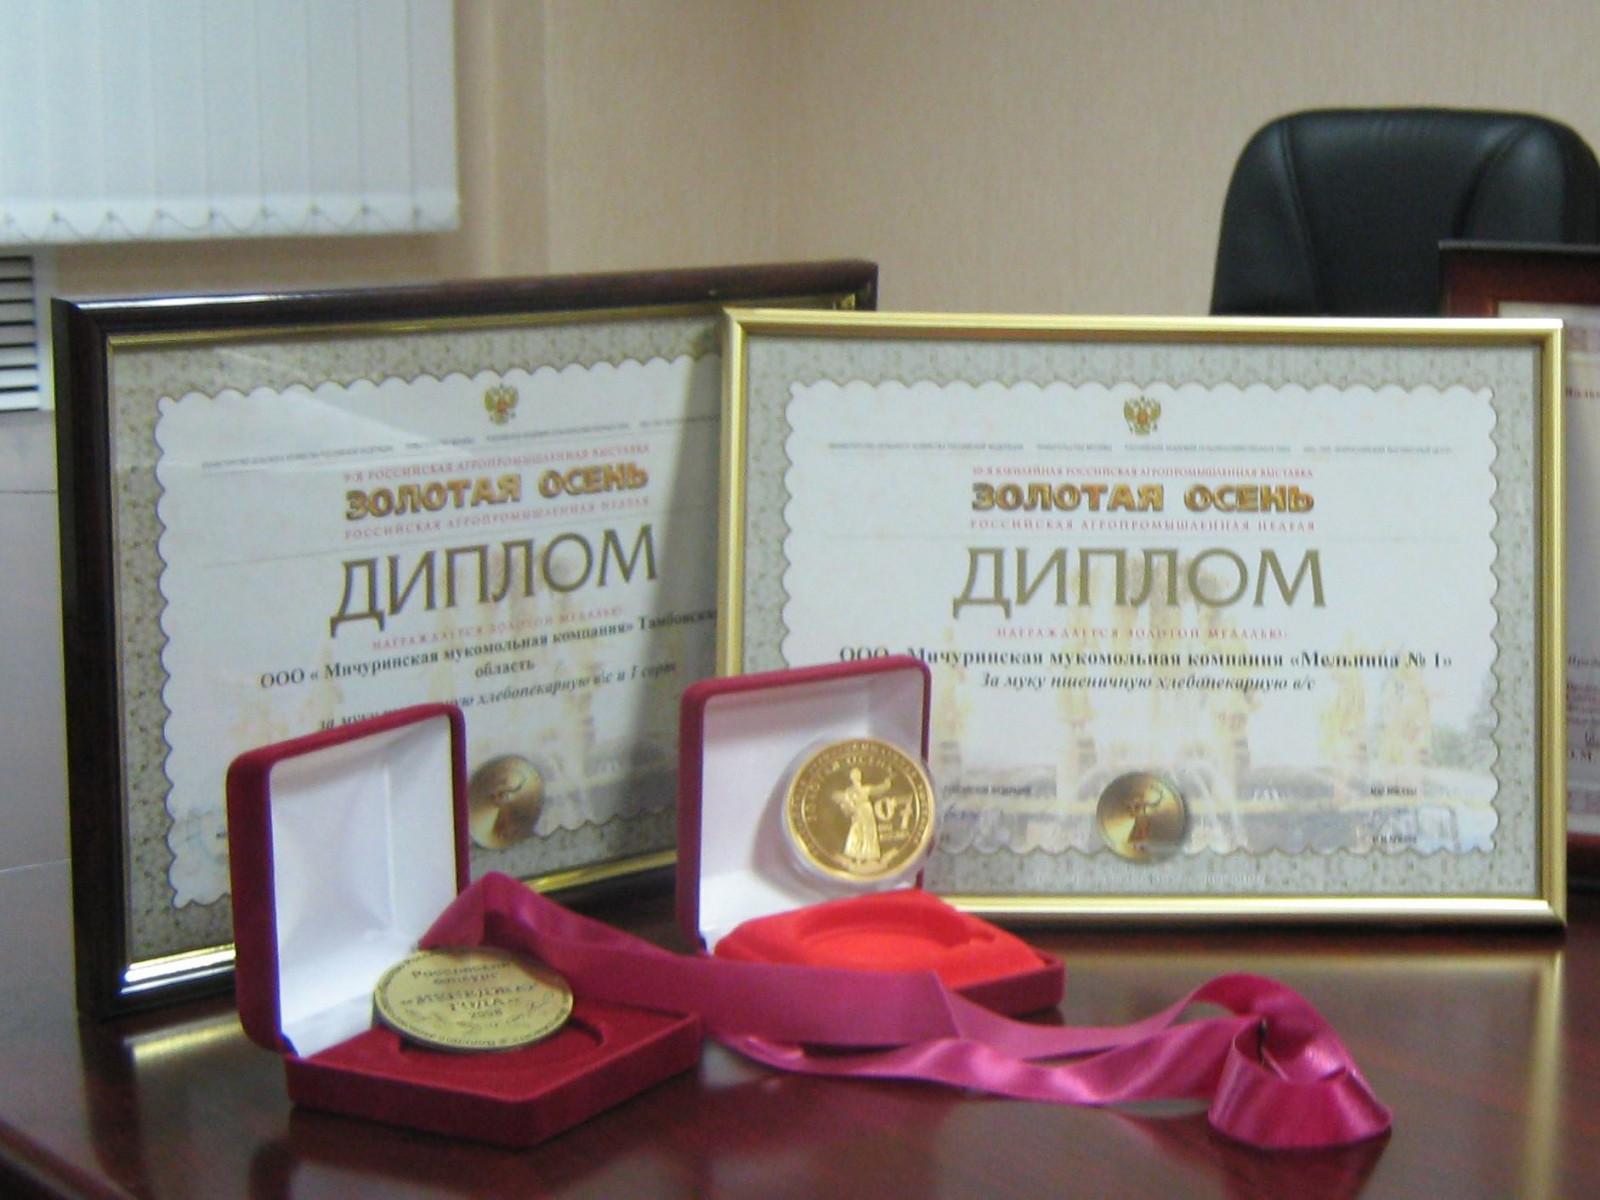 Тамбовская область получила гран-при за вклад в развитие выставки «Золотая осень - 2017»